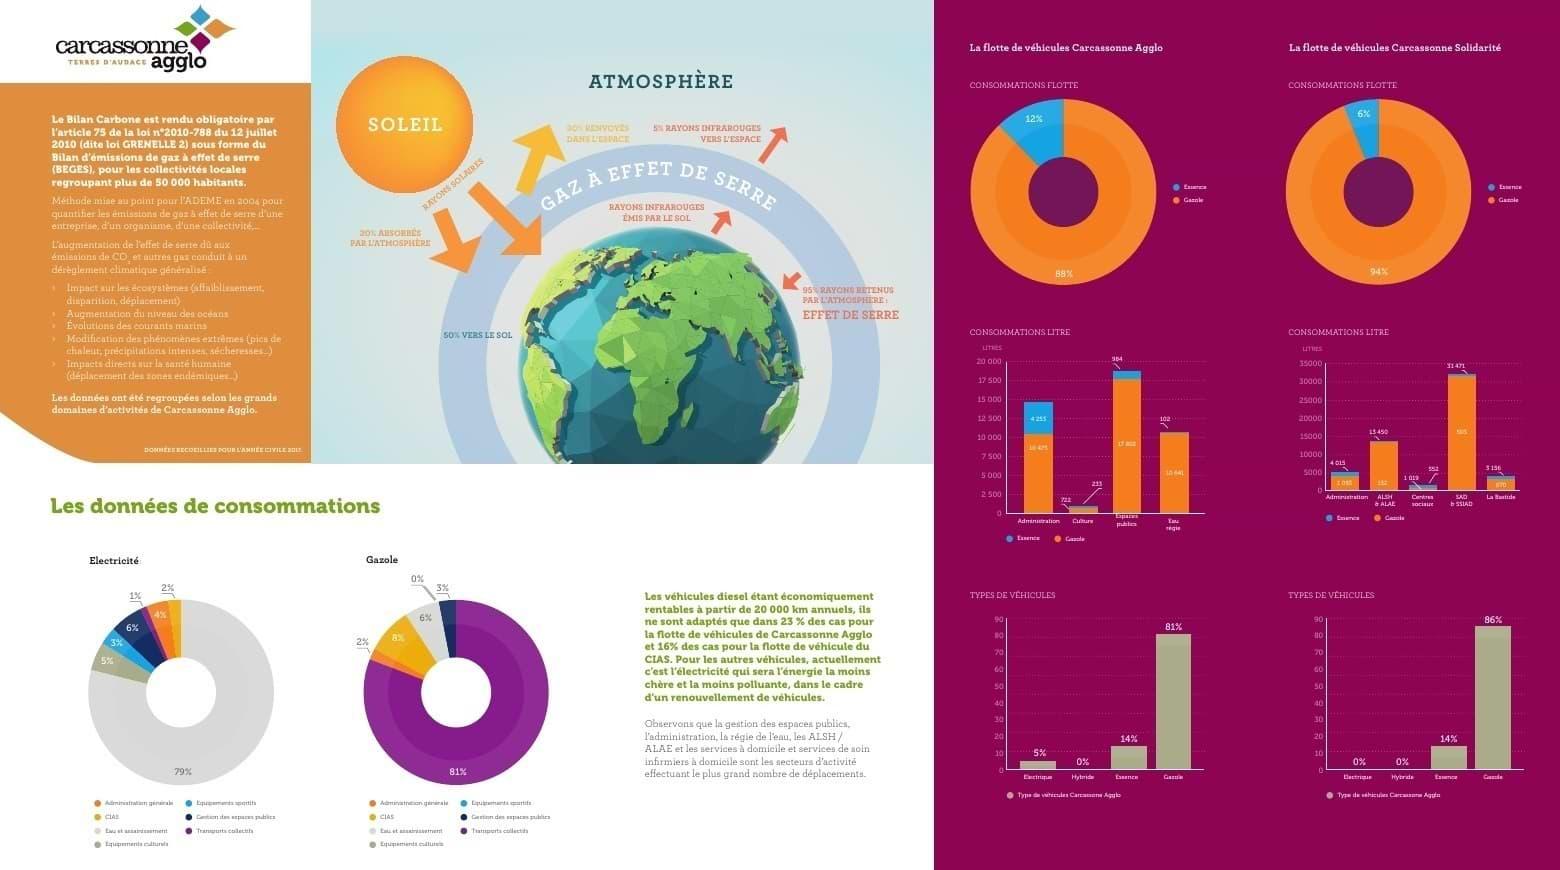 Communication verte (environnement / climat / bilan carbone / énergie), supports de communication interne axés dataviz (data designer) & illustration pour Carcassonne Agglo - Territoire, transition écologique.